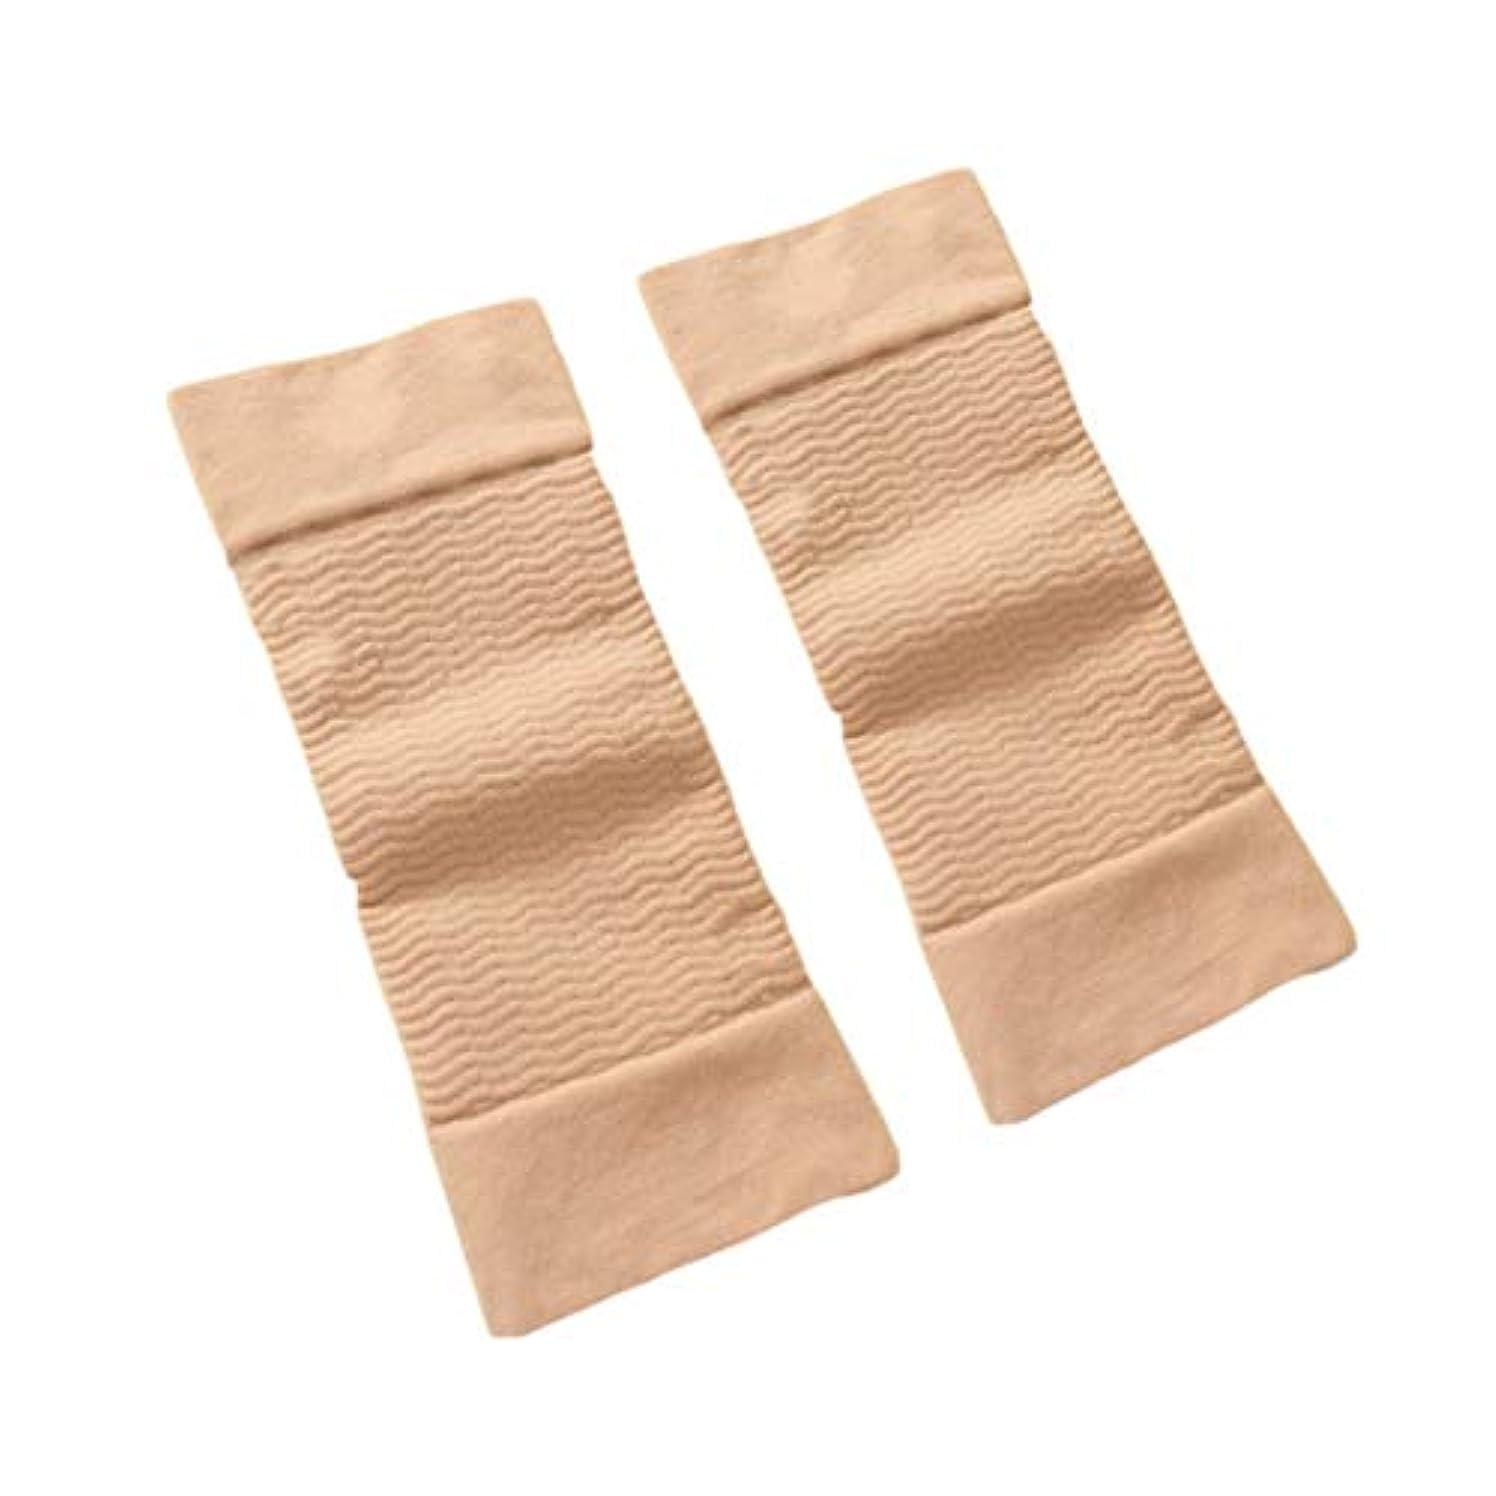 一方、守銭奴ペア1ペア420 D圧縮痩身アームスリーブワークアウトトーニングバーンセルライトシェイパー脂肪燃焼袖用女性 - 肌色